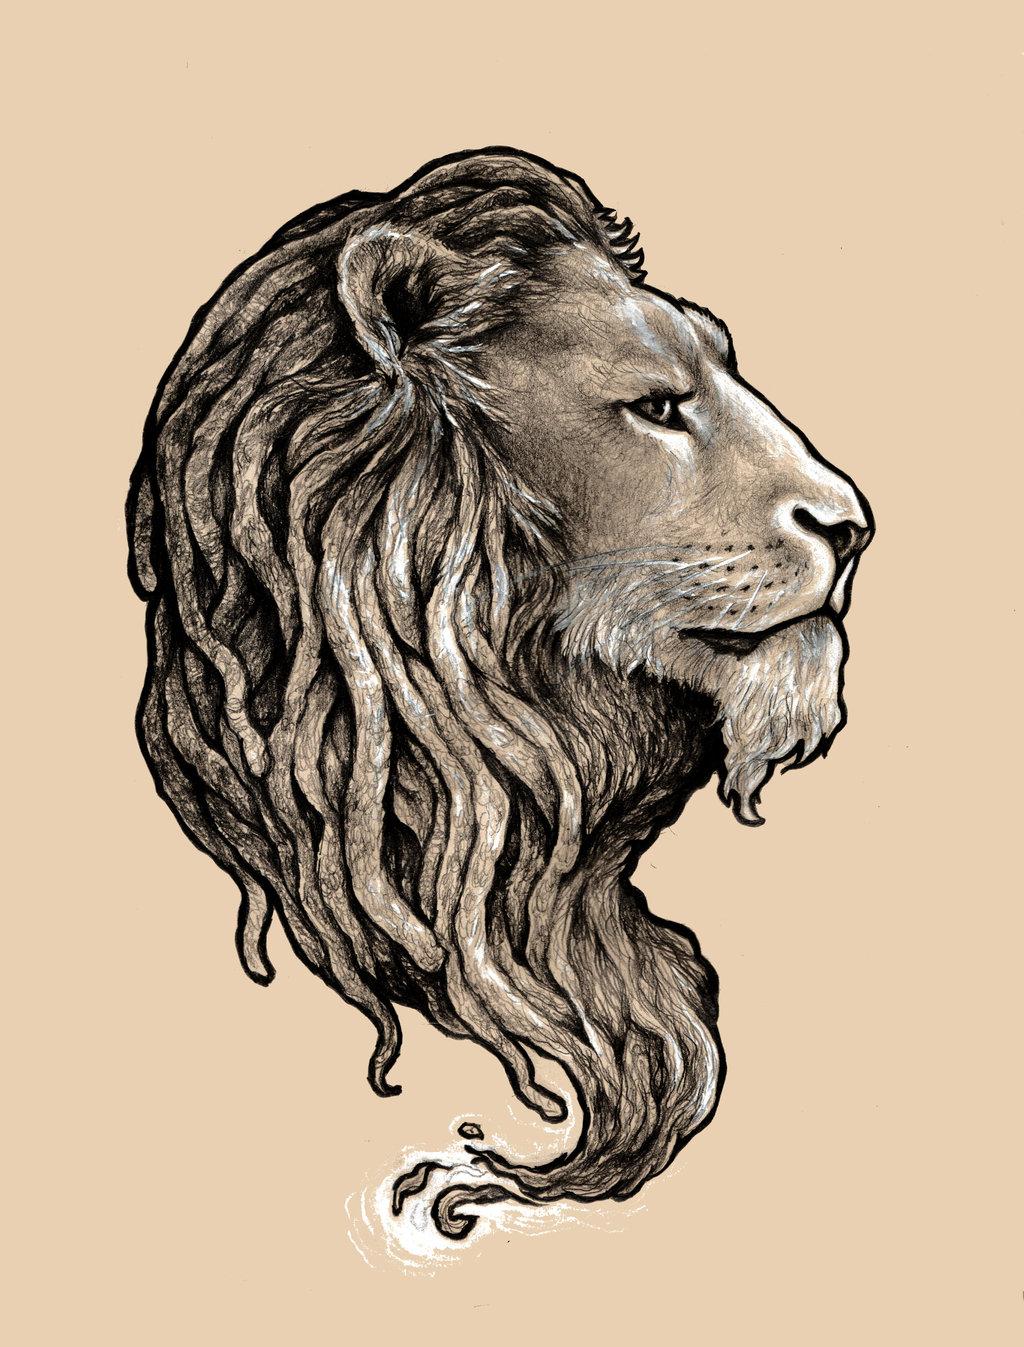 1024x1347 Rasta Lion Tattoo Rasta Lion Tattoo Designs Rasta Tiger Tattoos